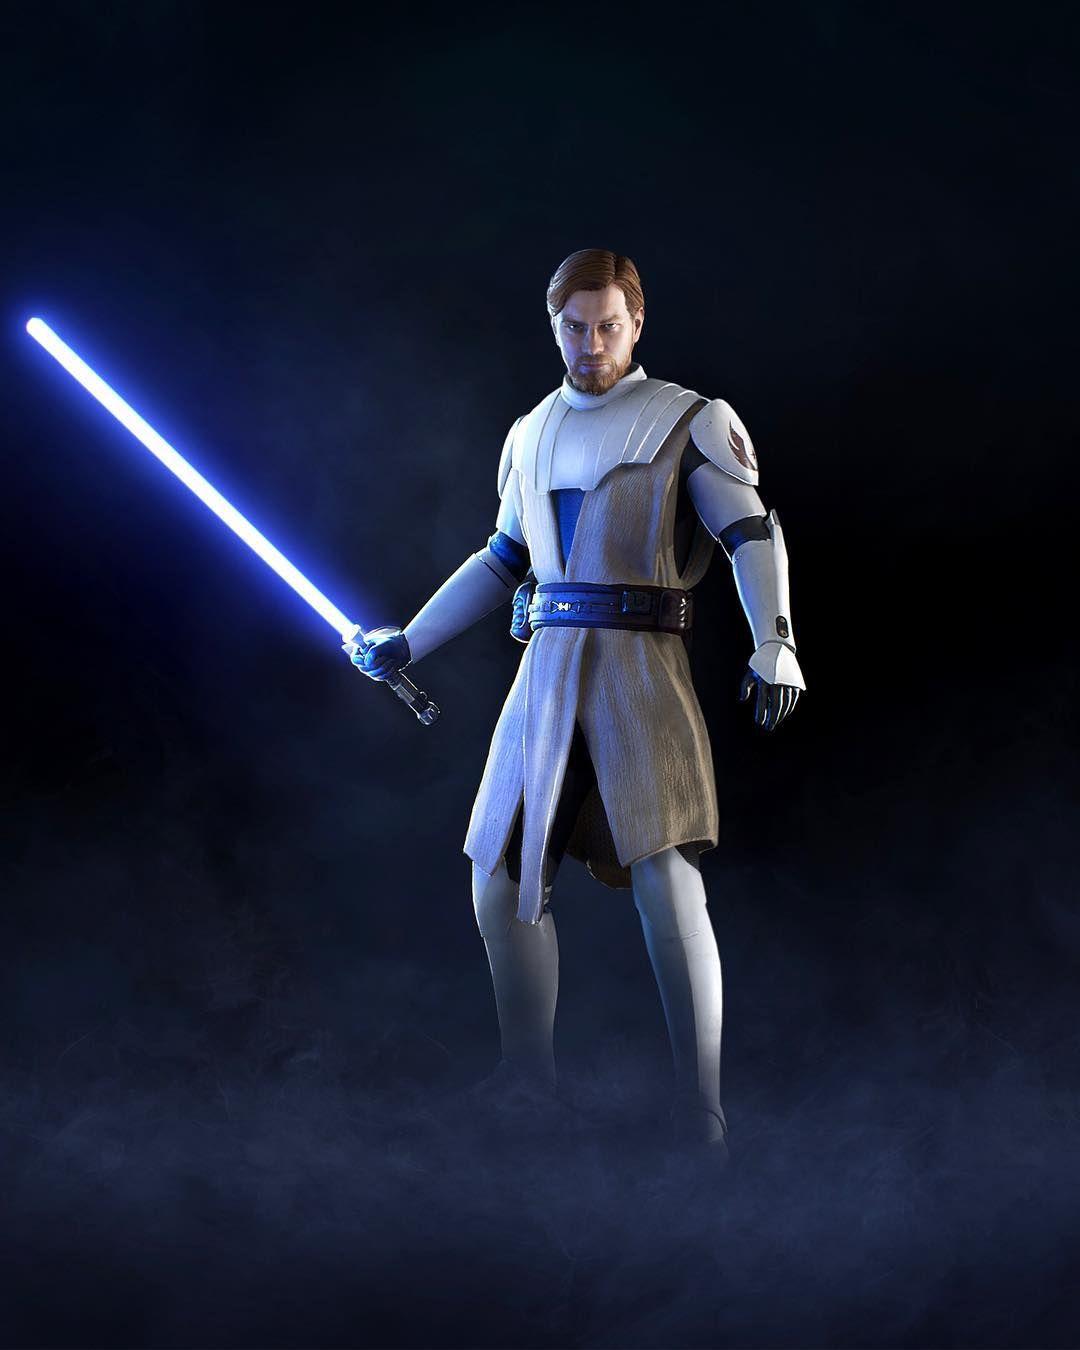 General Kenobi | Remake Minecraft Skin